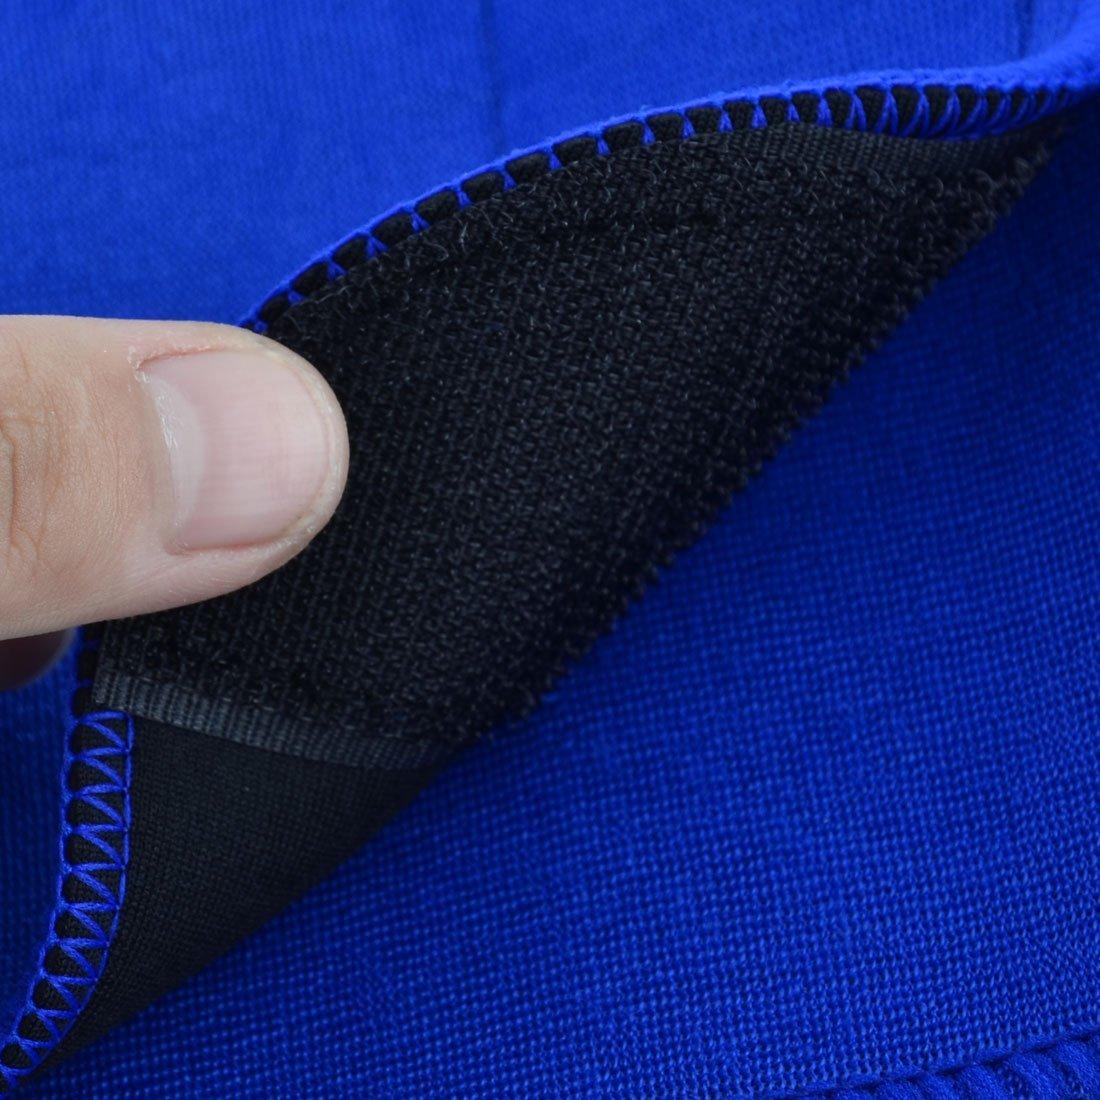 Amazon.com: eDealMax de Nylon de la Cintura Ajustable Soporte Inferior de la espalda Cinturón Brace pase la Correa: Health & Personal Care